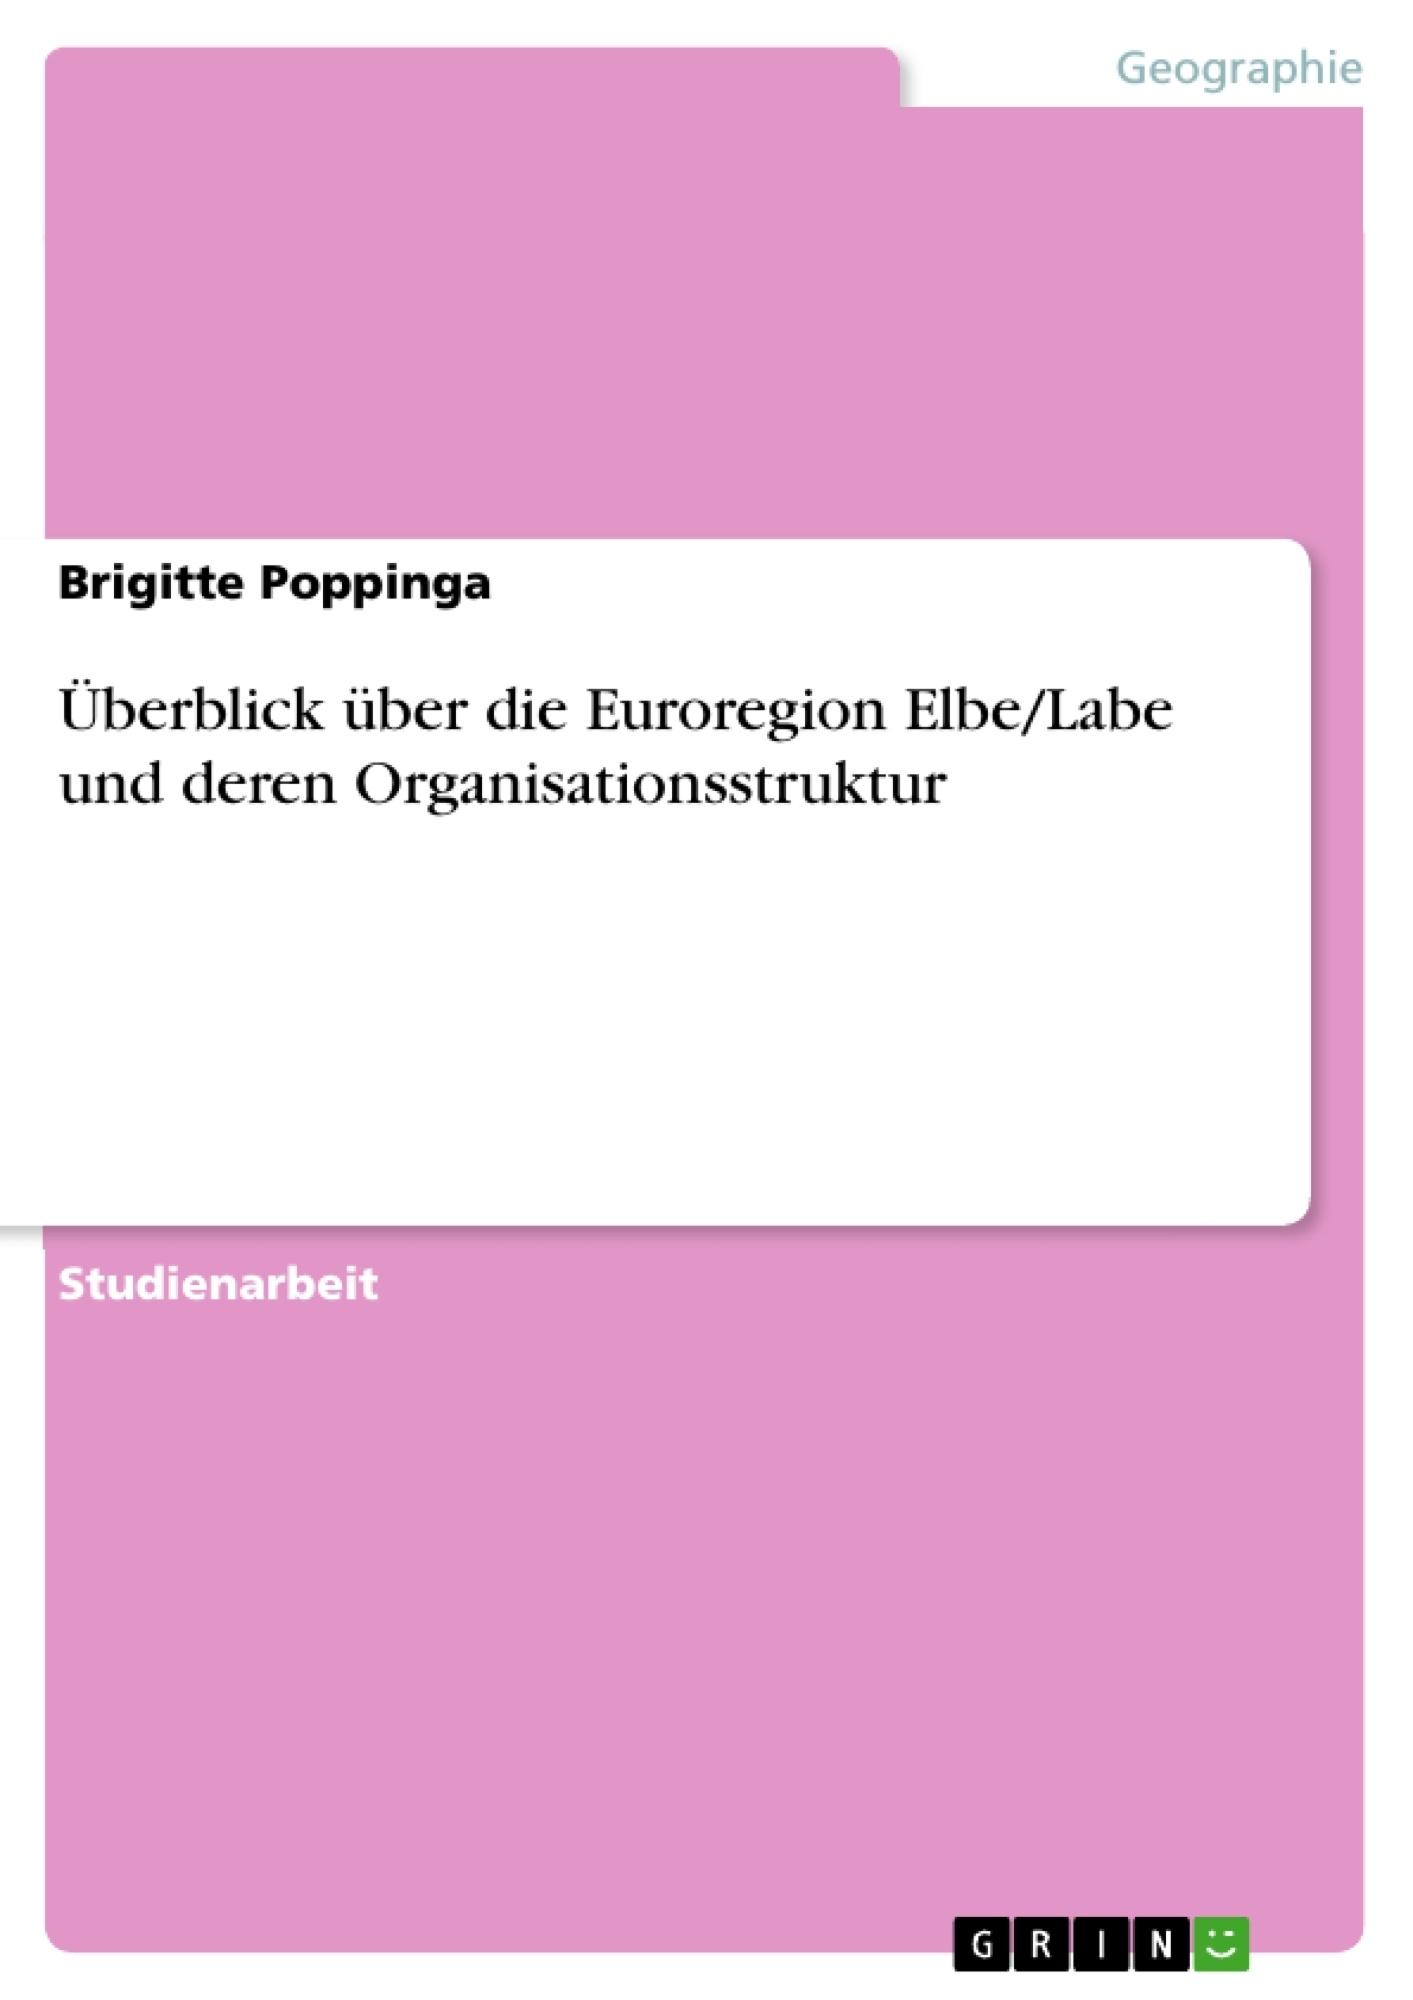 Titel: Überblick über die Euroregion Elbe/Labe und deren Organisationsstruktur